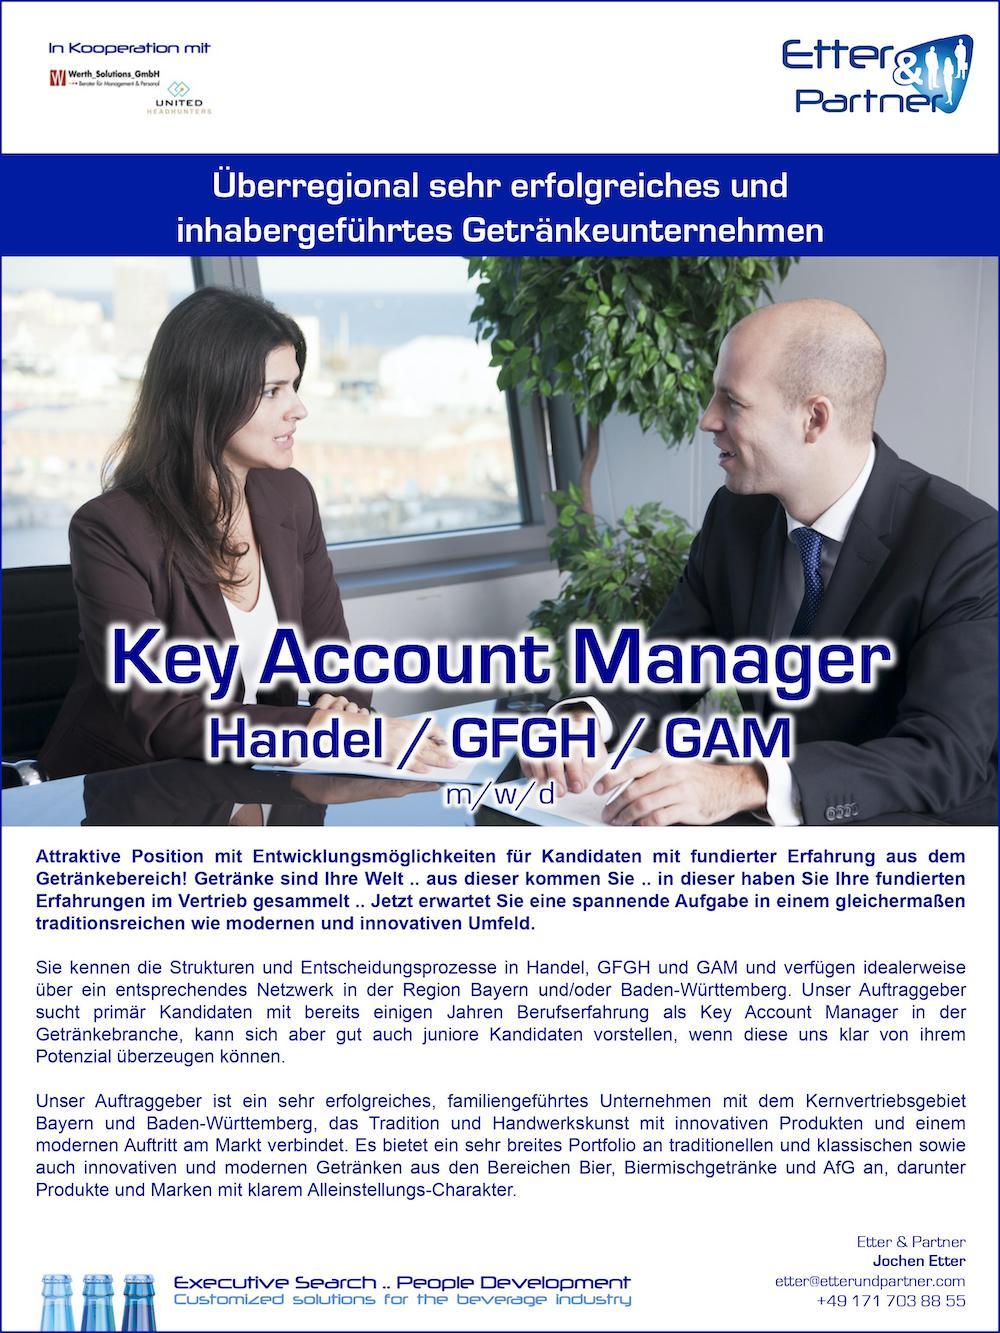 Key Account Manager Handel/GFGH/GAM (m/w/d)